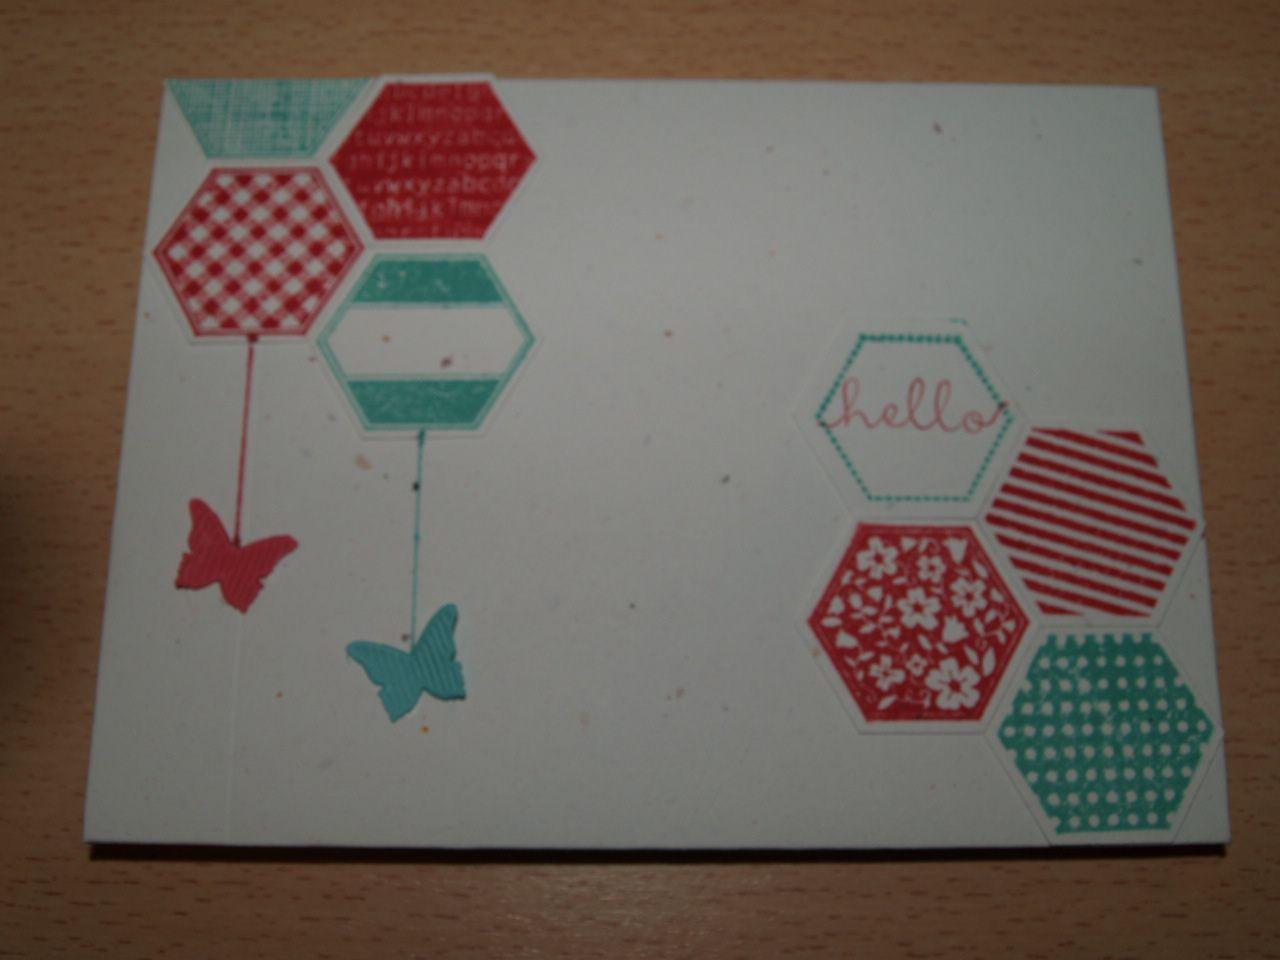 Papiers cartonnés et encreurs copacabana, bavarois de framboise et murmure blanc&#x3B; set de tampons Six-Sided Sampler et bannières bitty&#x3B; perforatrice hexagone&#x3B; plioir de gaufrage rayon de miel&#x3B; ruban ruché bavarois de framboise.